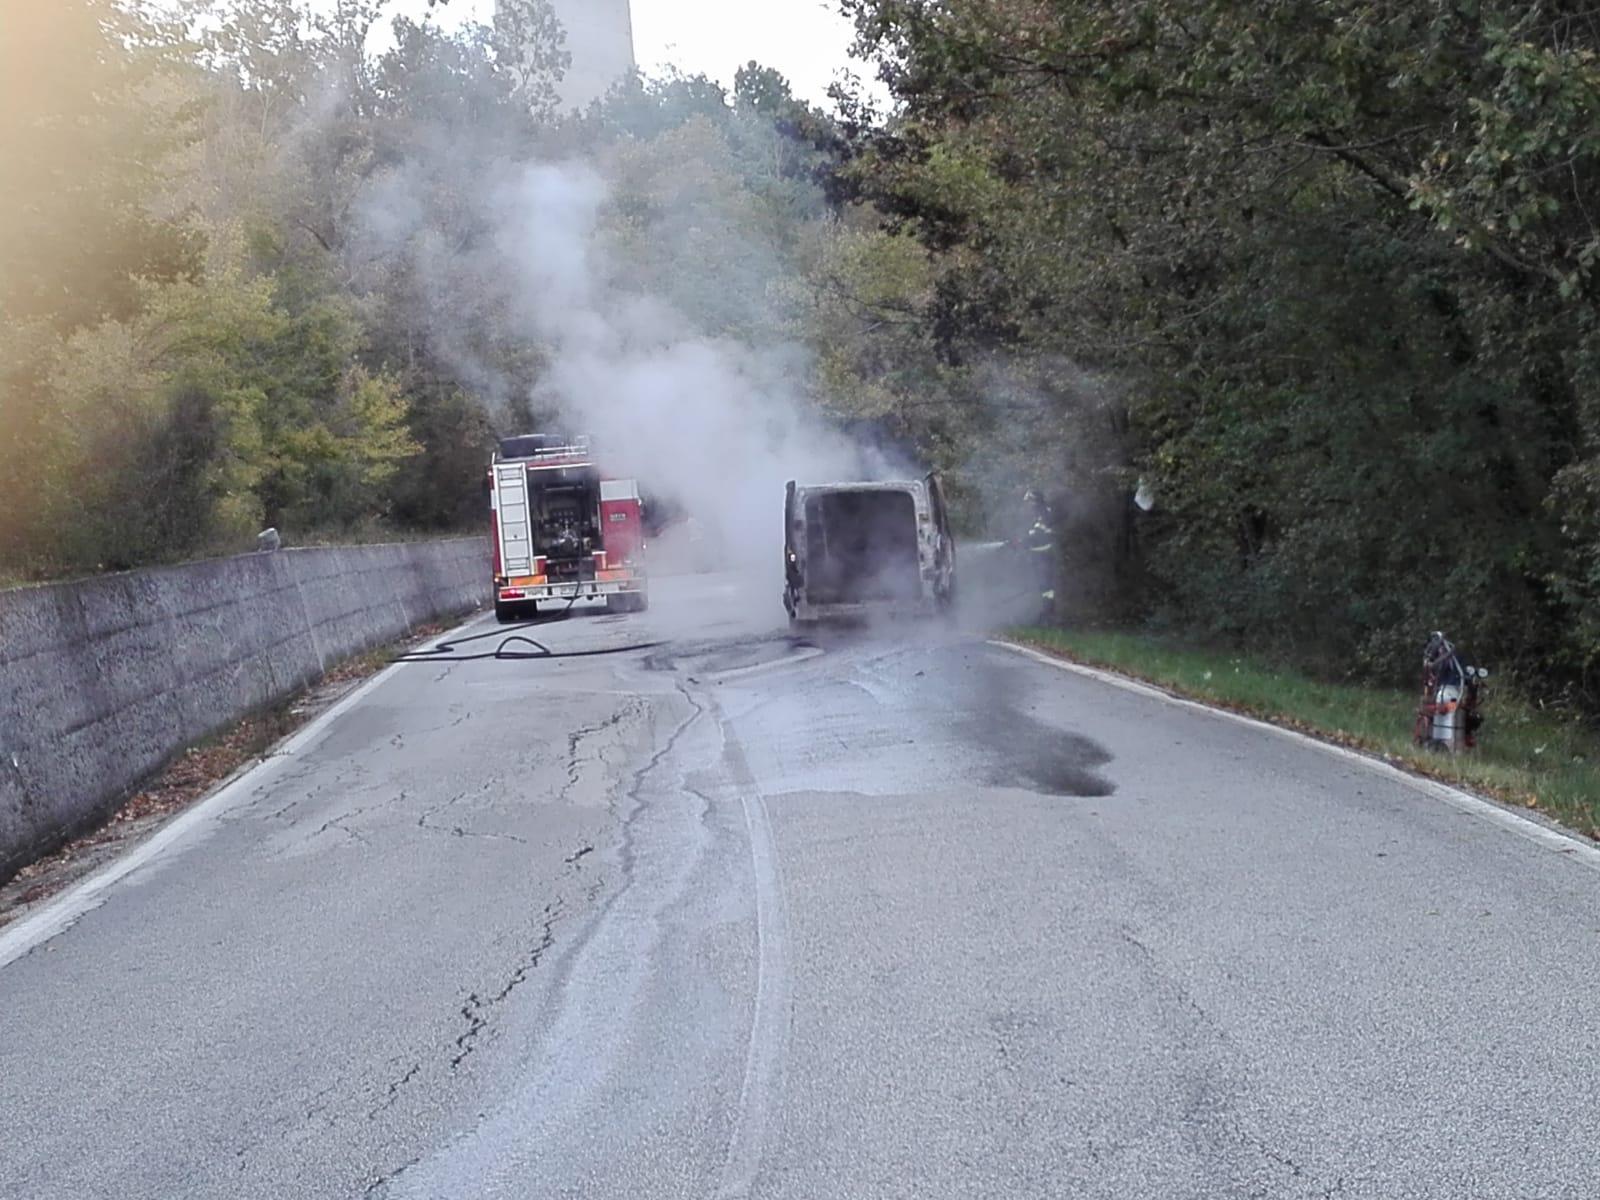 Cerro al Volturno: veicolo va a fuoco a pochi passi dall'ingresso del paese. Sul posto i Vigili del Fuoco.